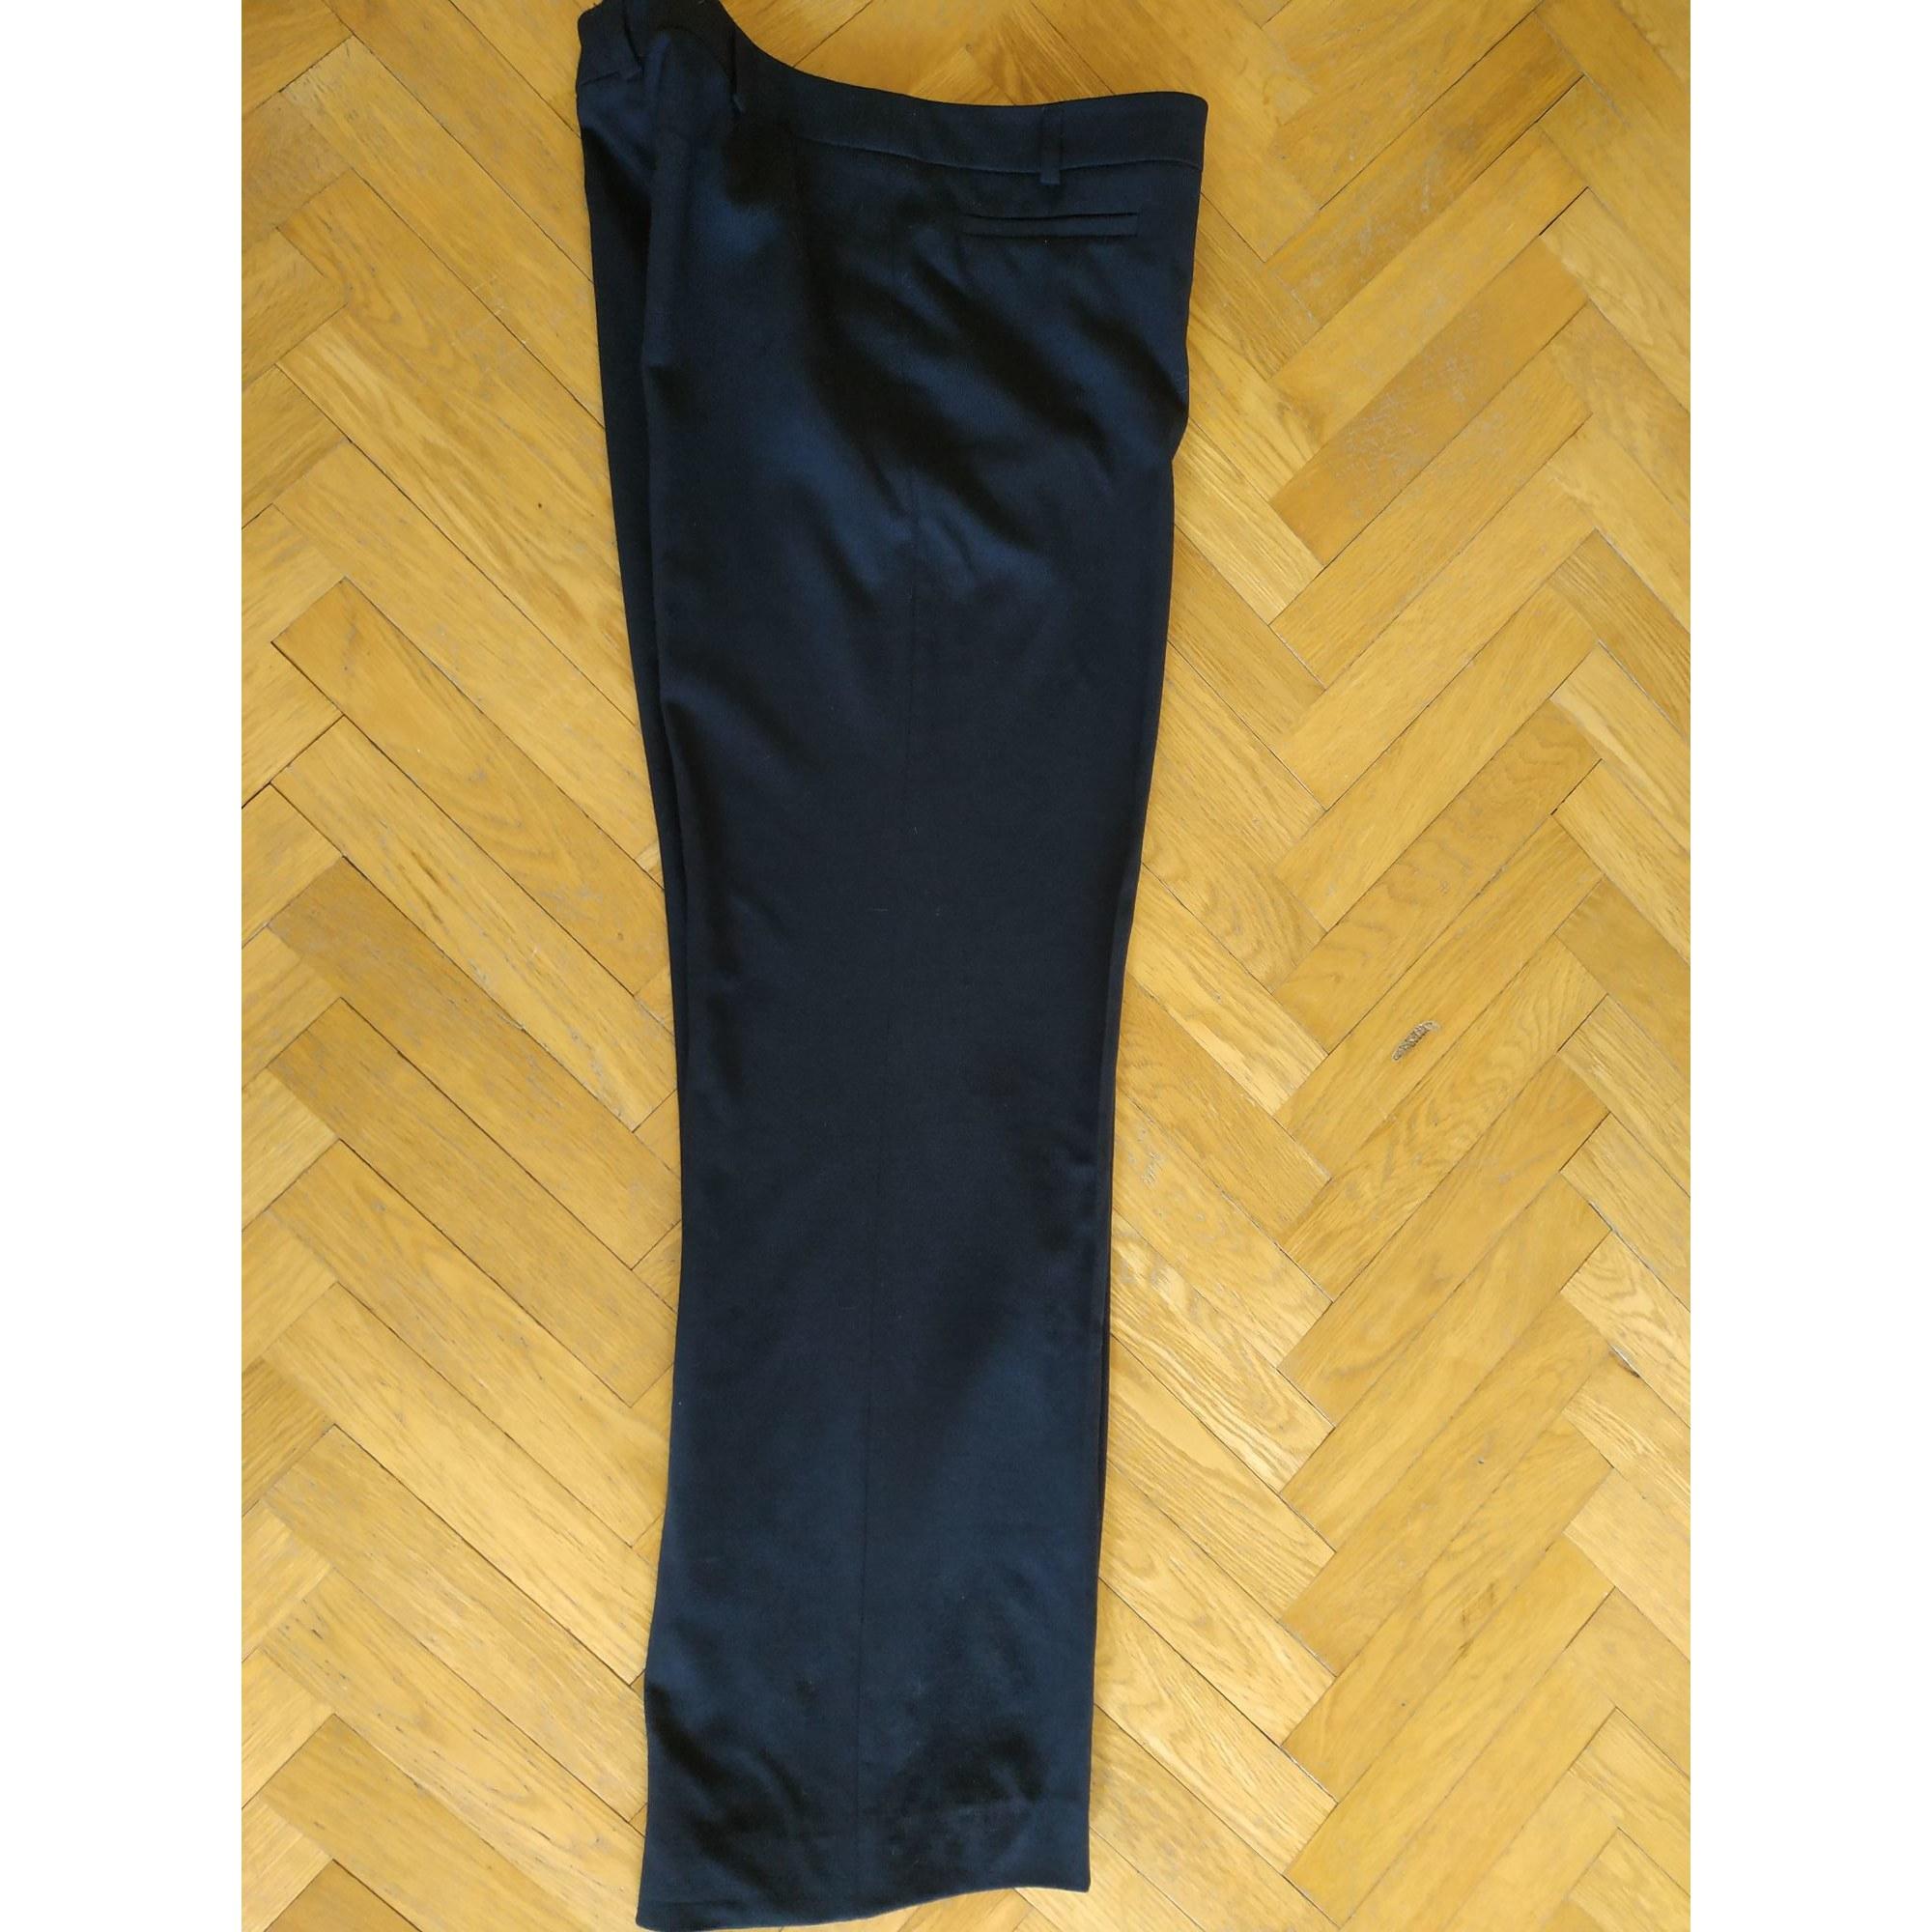 Pantalon droit ZAPA Bleu, bleu marine, bleu turquoise